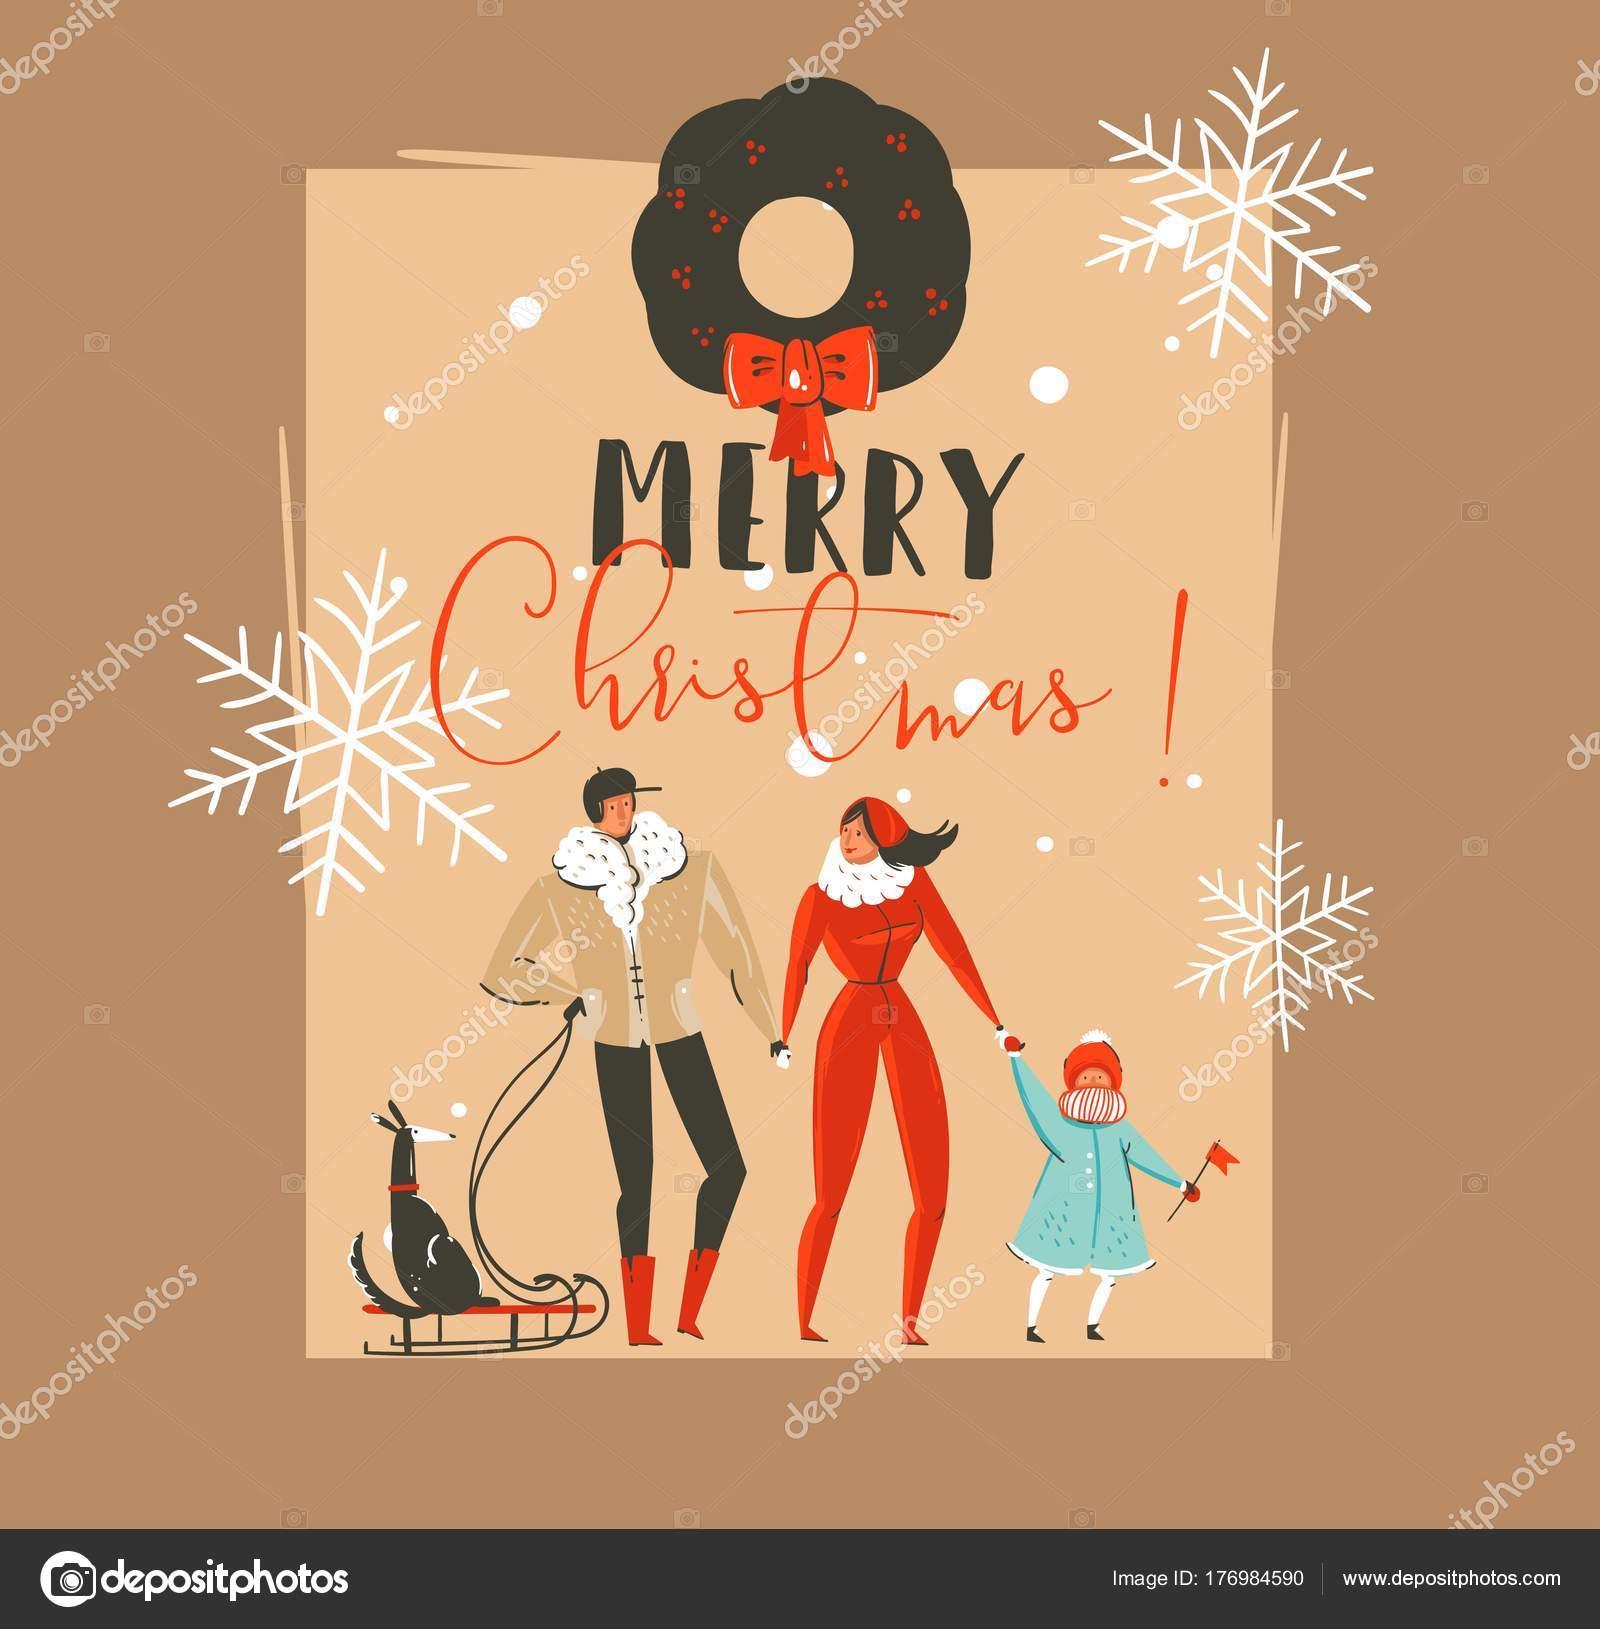 Abstracto de vector dibujado mano feliz Navidad y feliz año nuevo ...